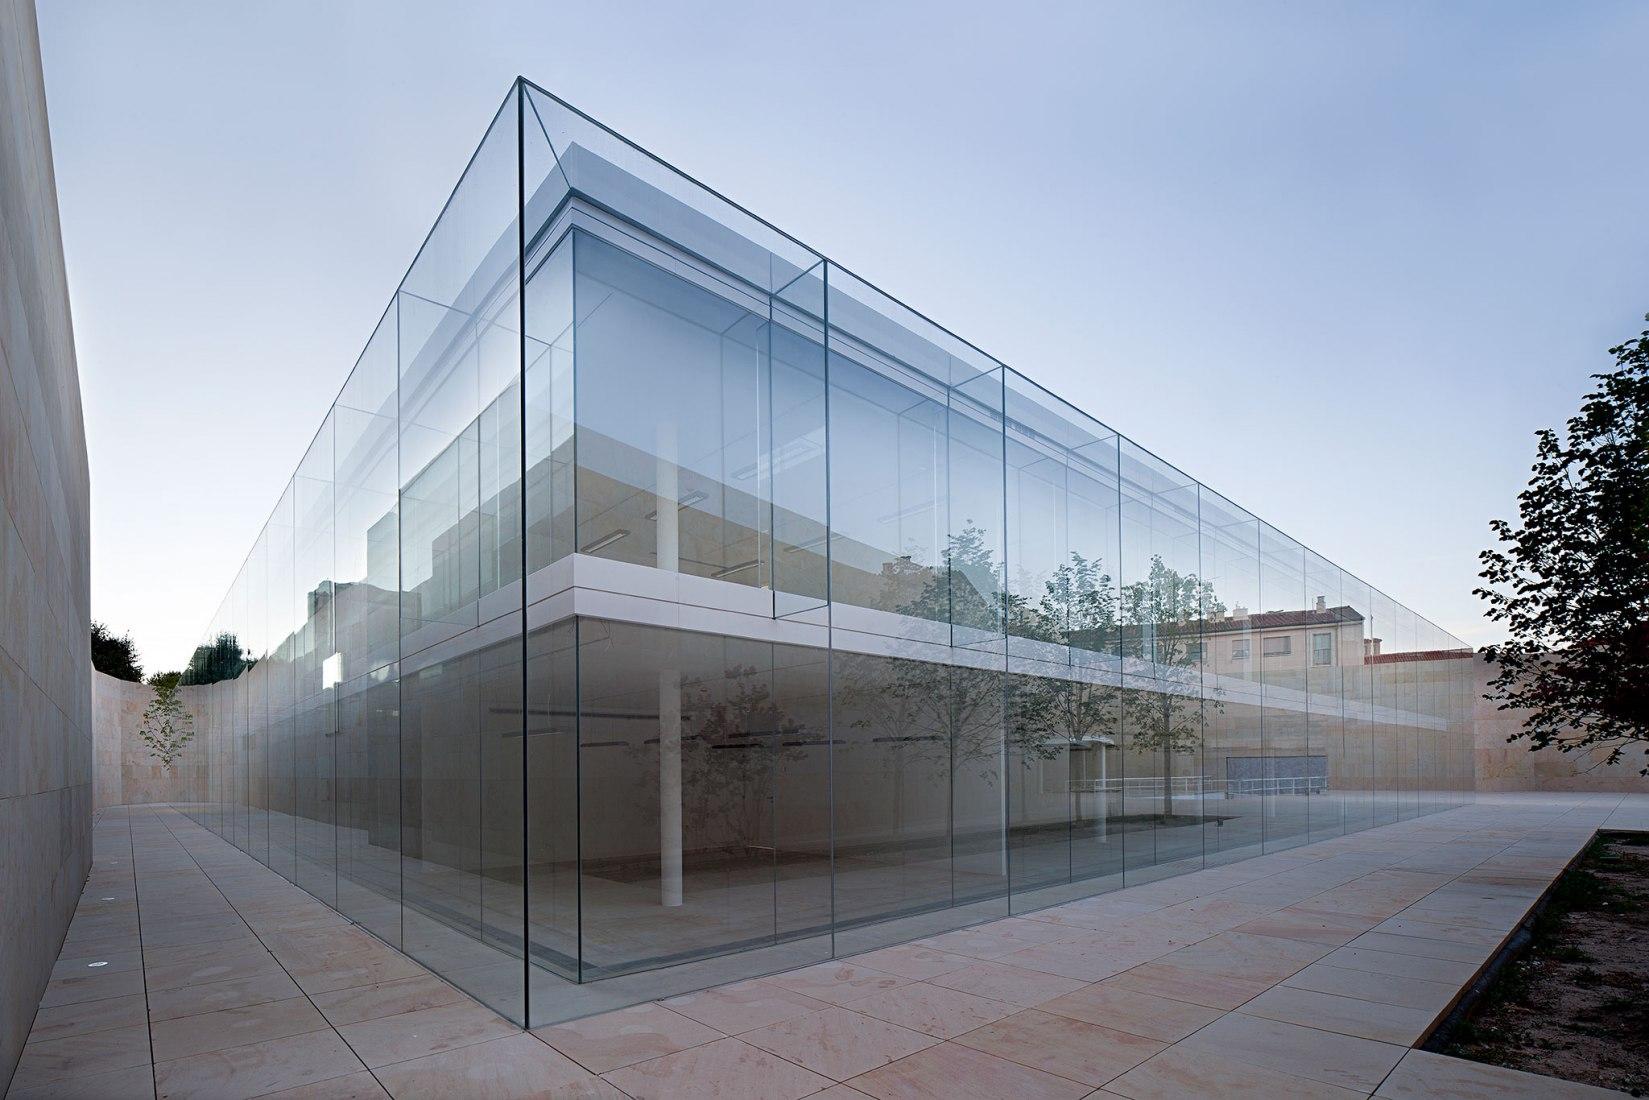 Oficinas para la Junta de Castilla y León en Zamora por Alberto Campo Arquitectos. Fotografía © Javier Callejas